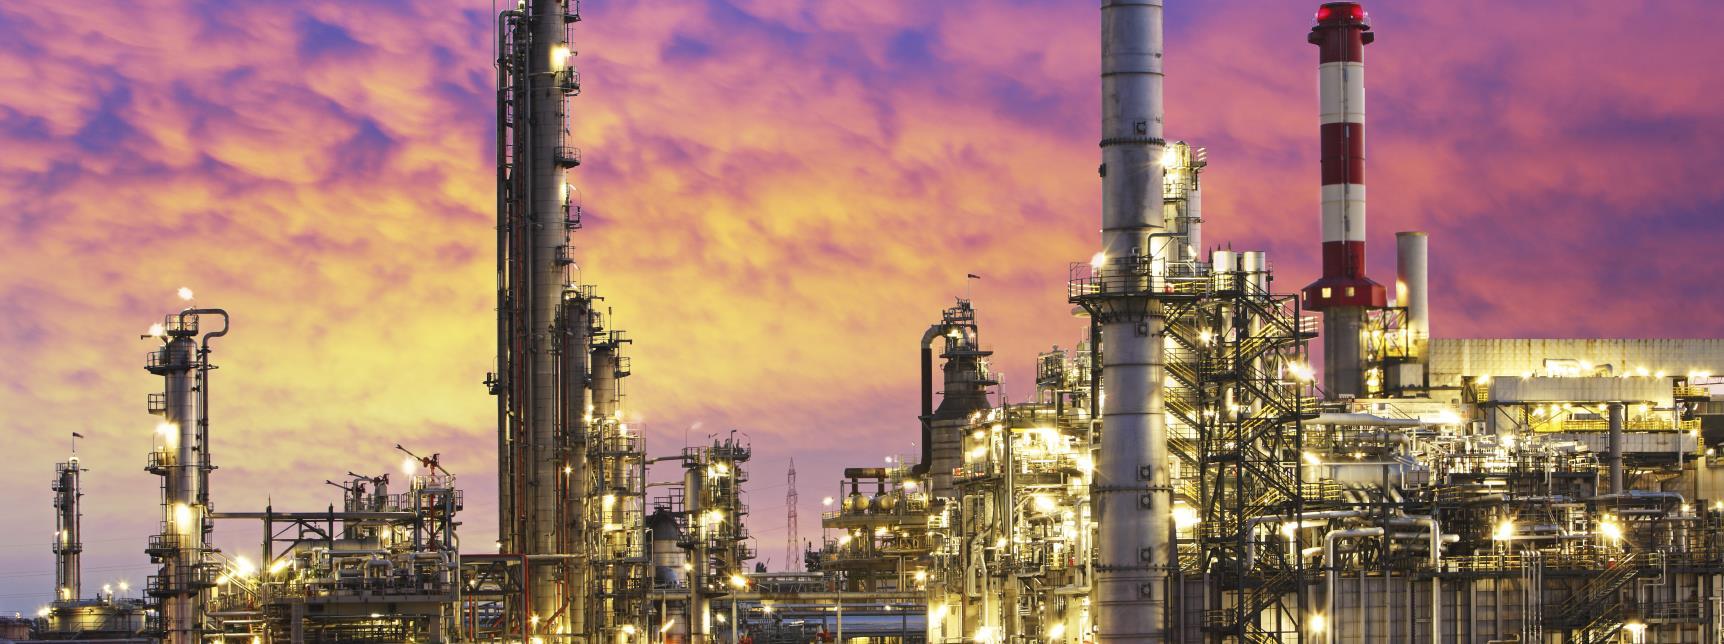 iStock_000060154832_Medium Refinery plant